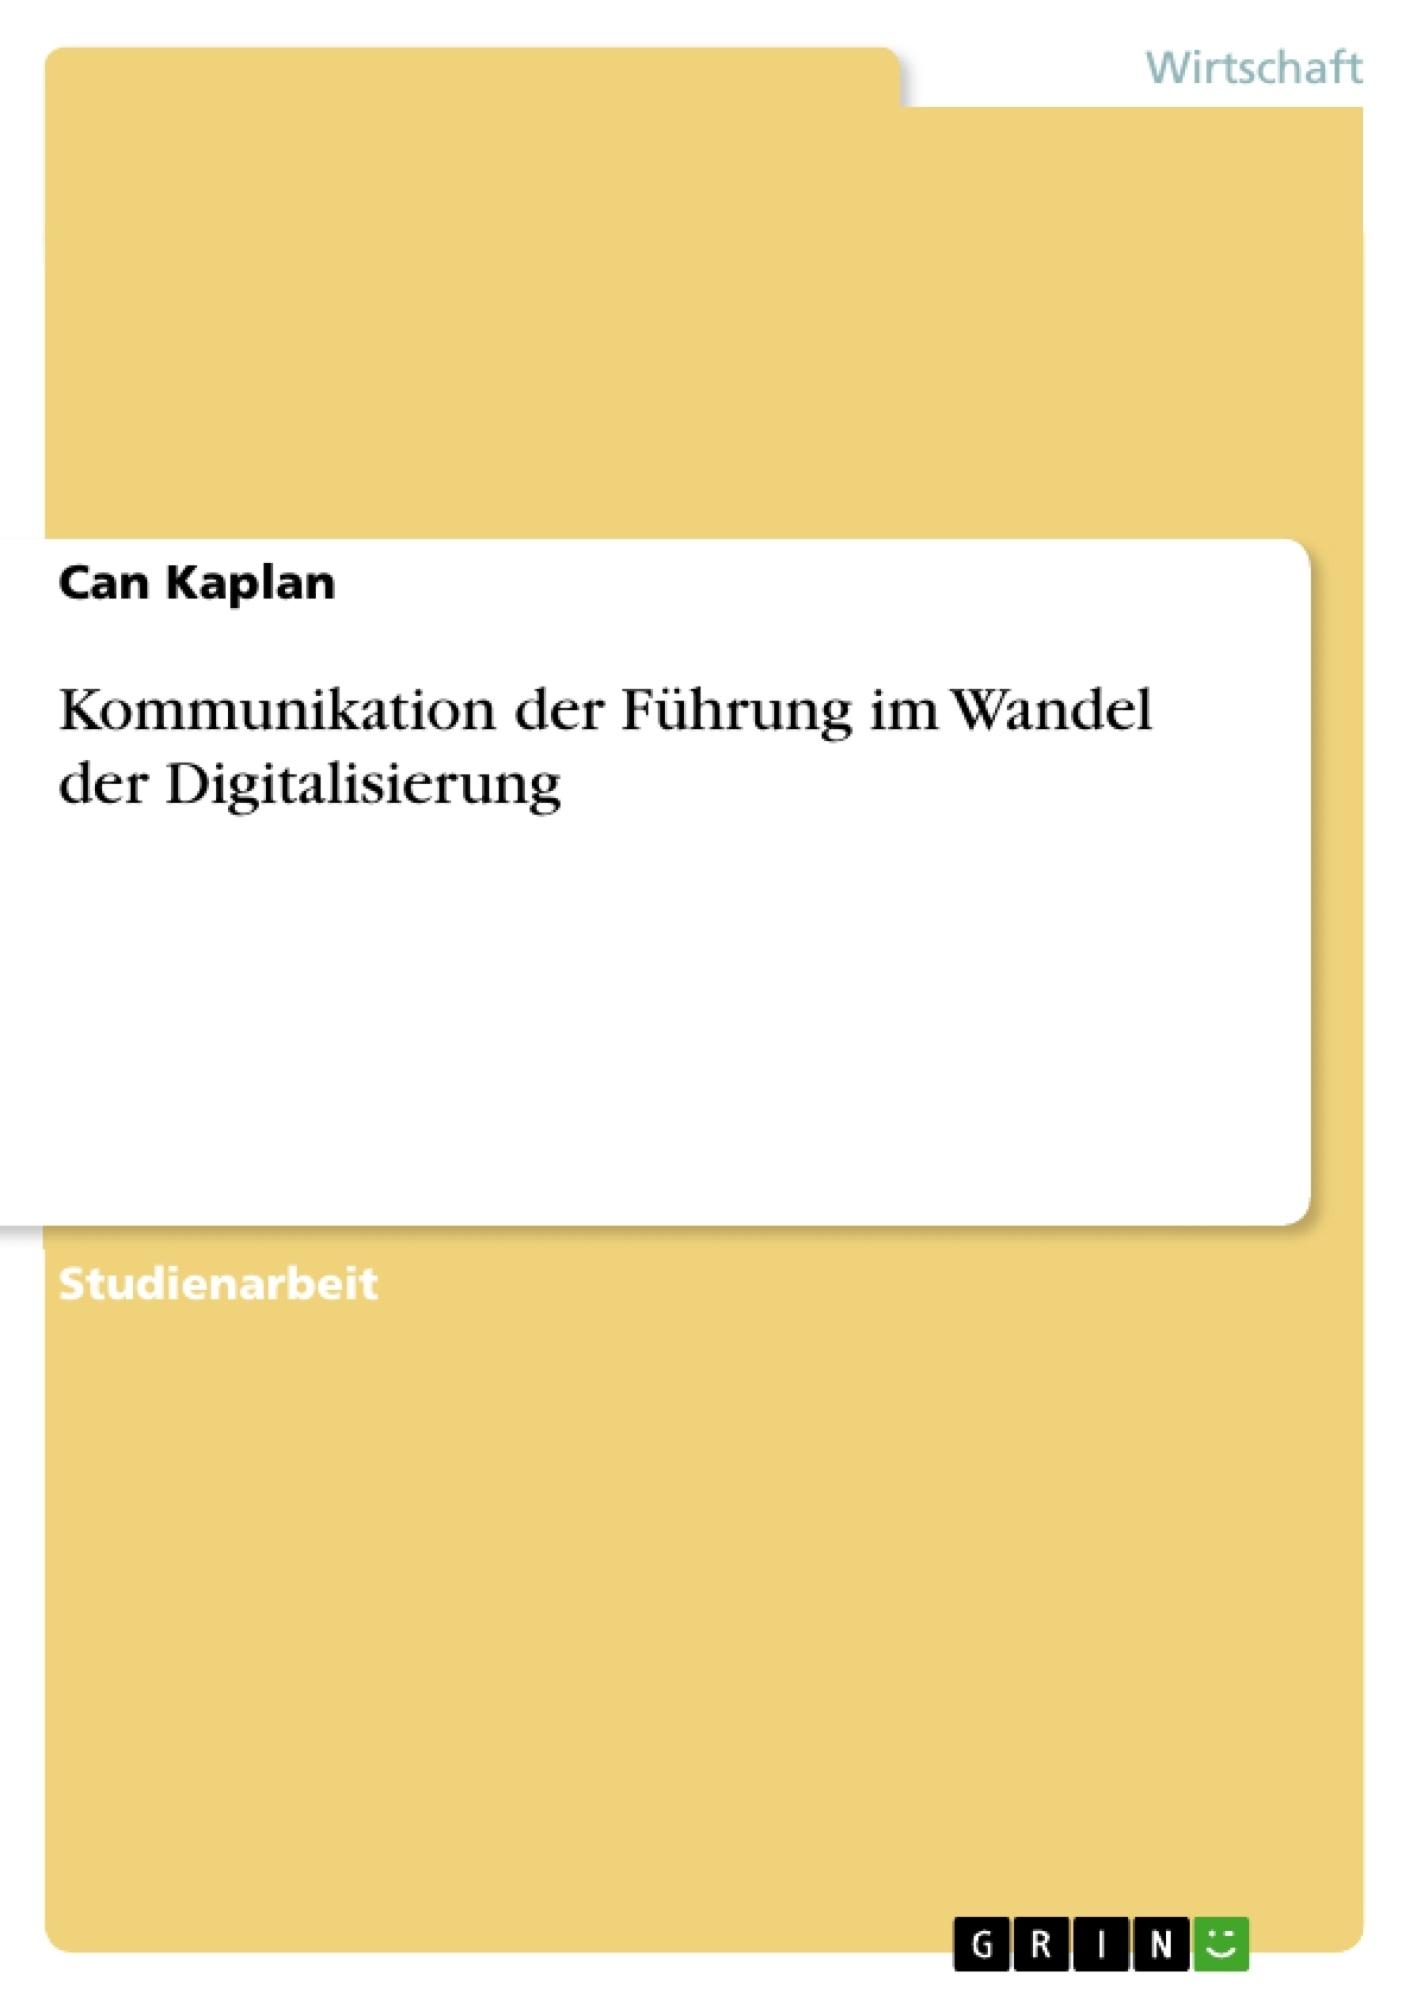 Titel: Kommunikation der Führung im Wandel der Digitalisierung